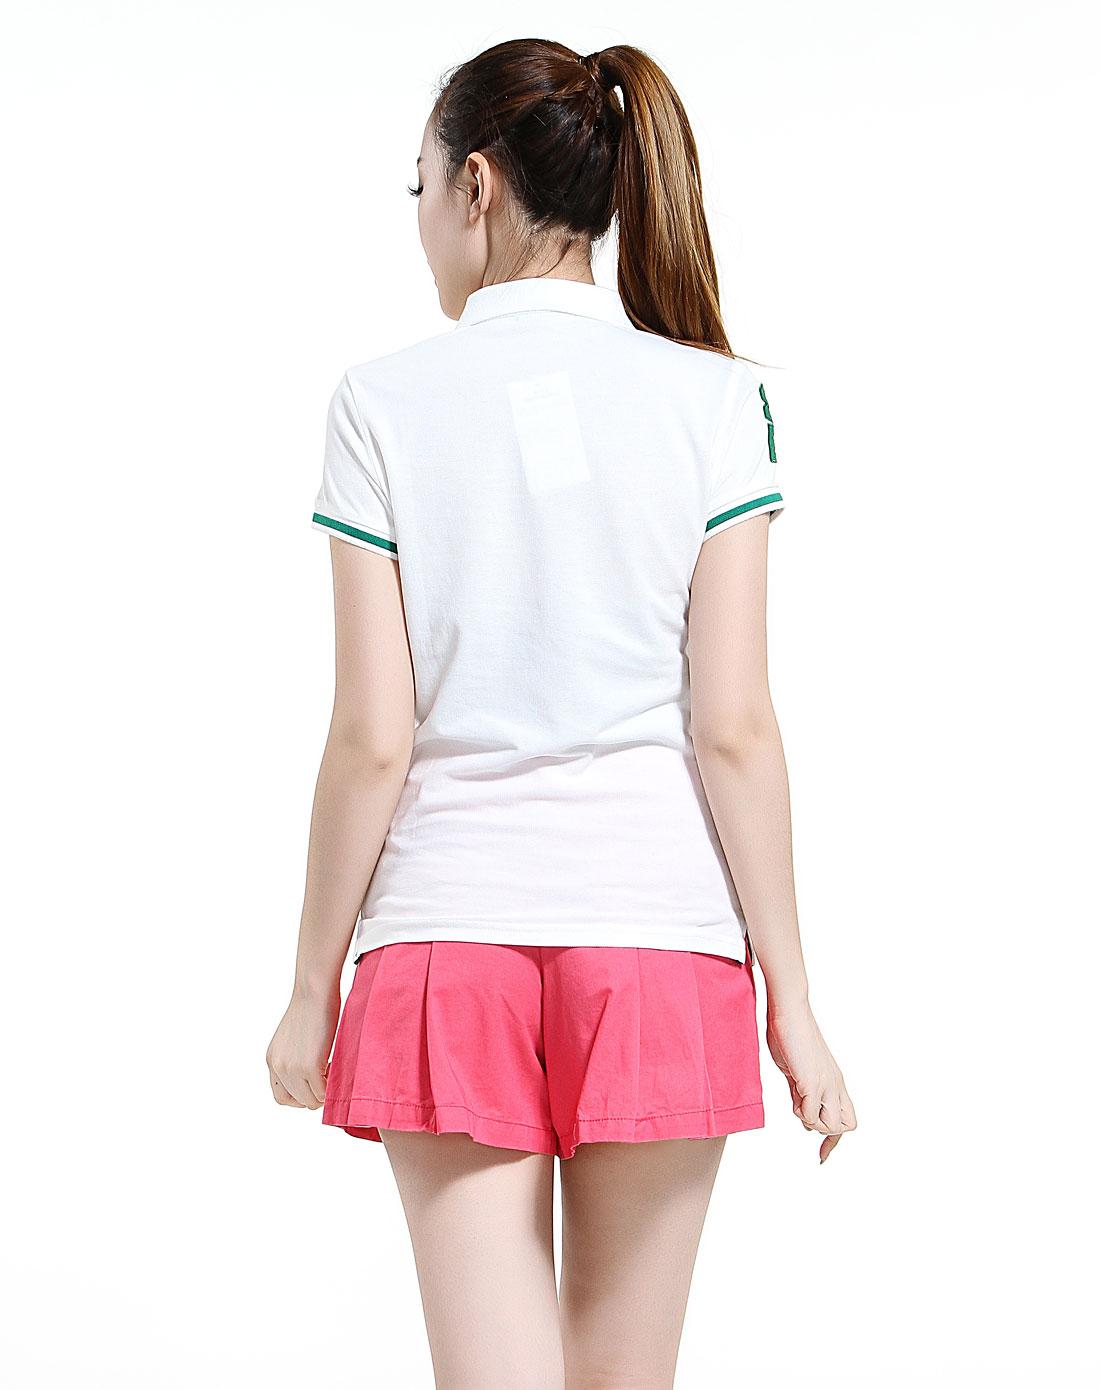 白色刺绣图案翻领短袖t恤